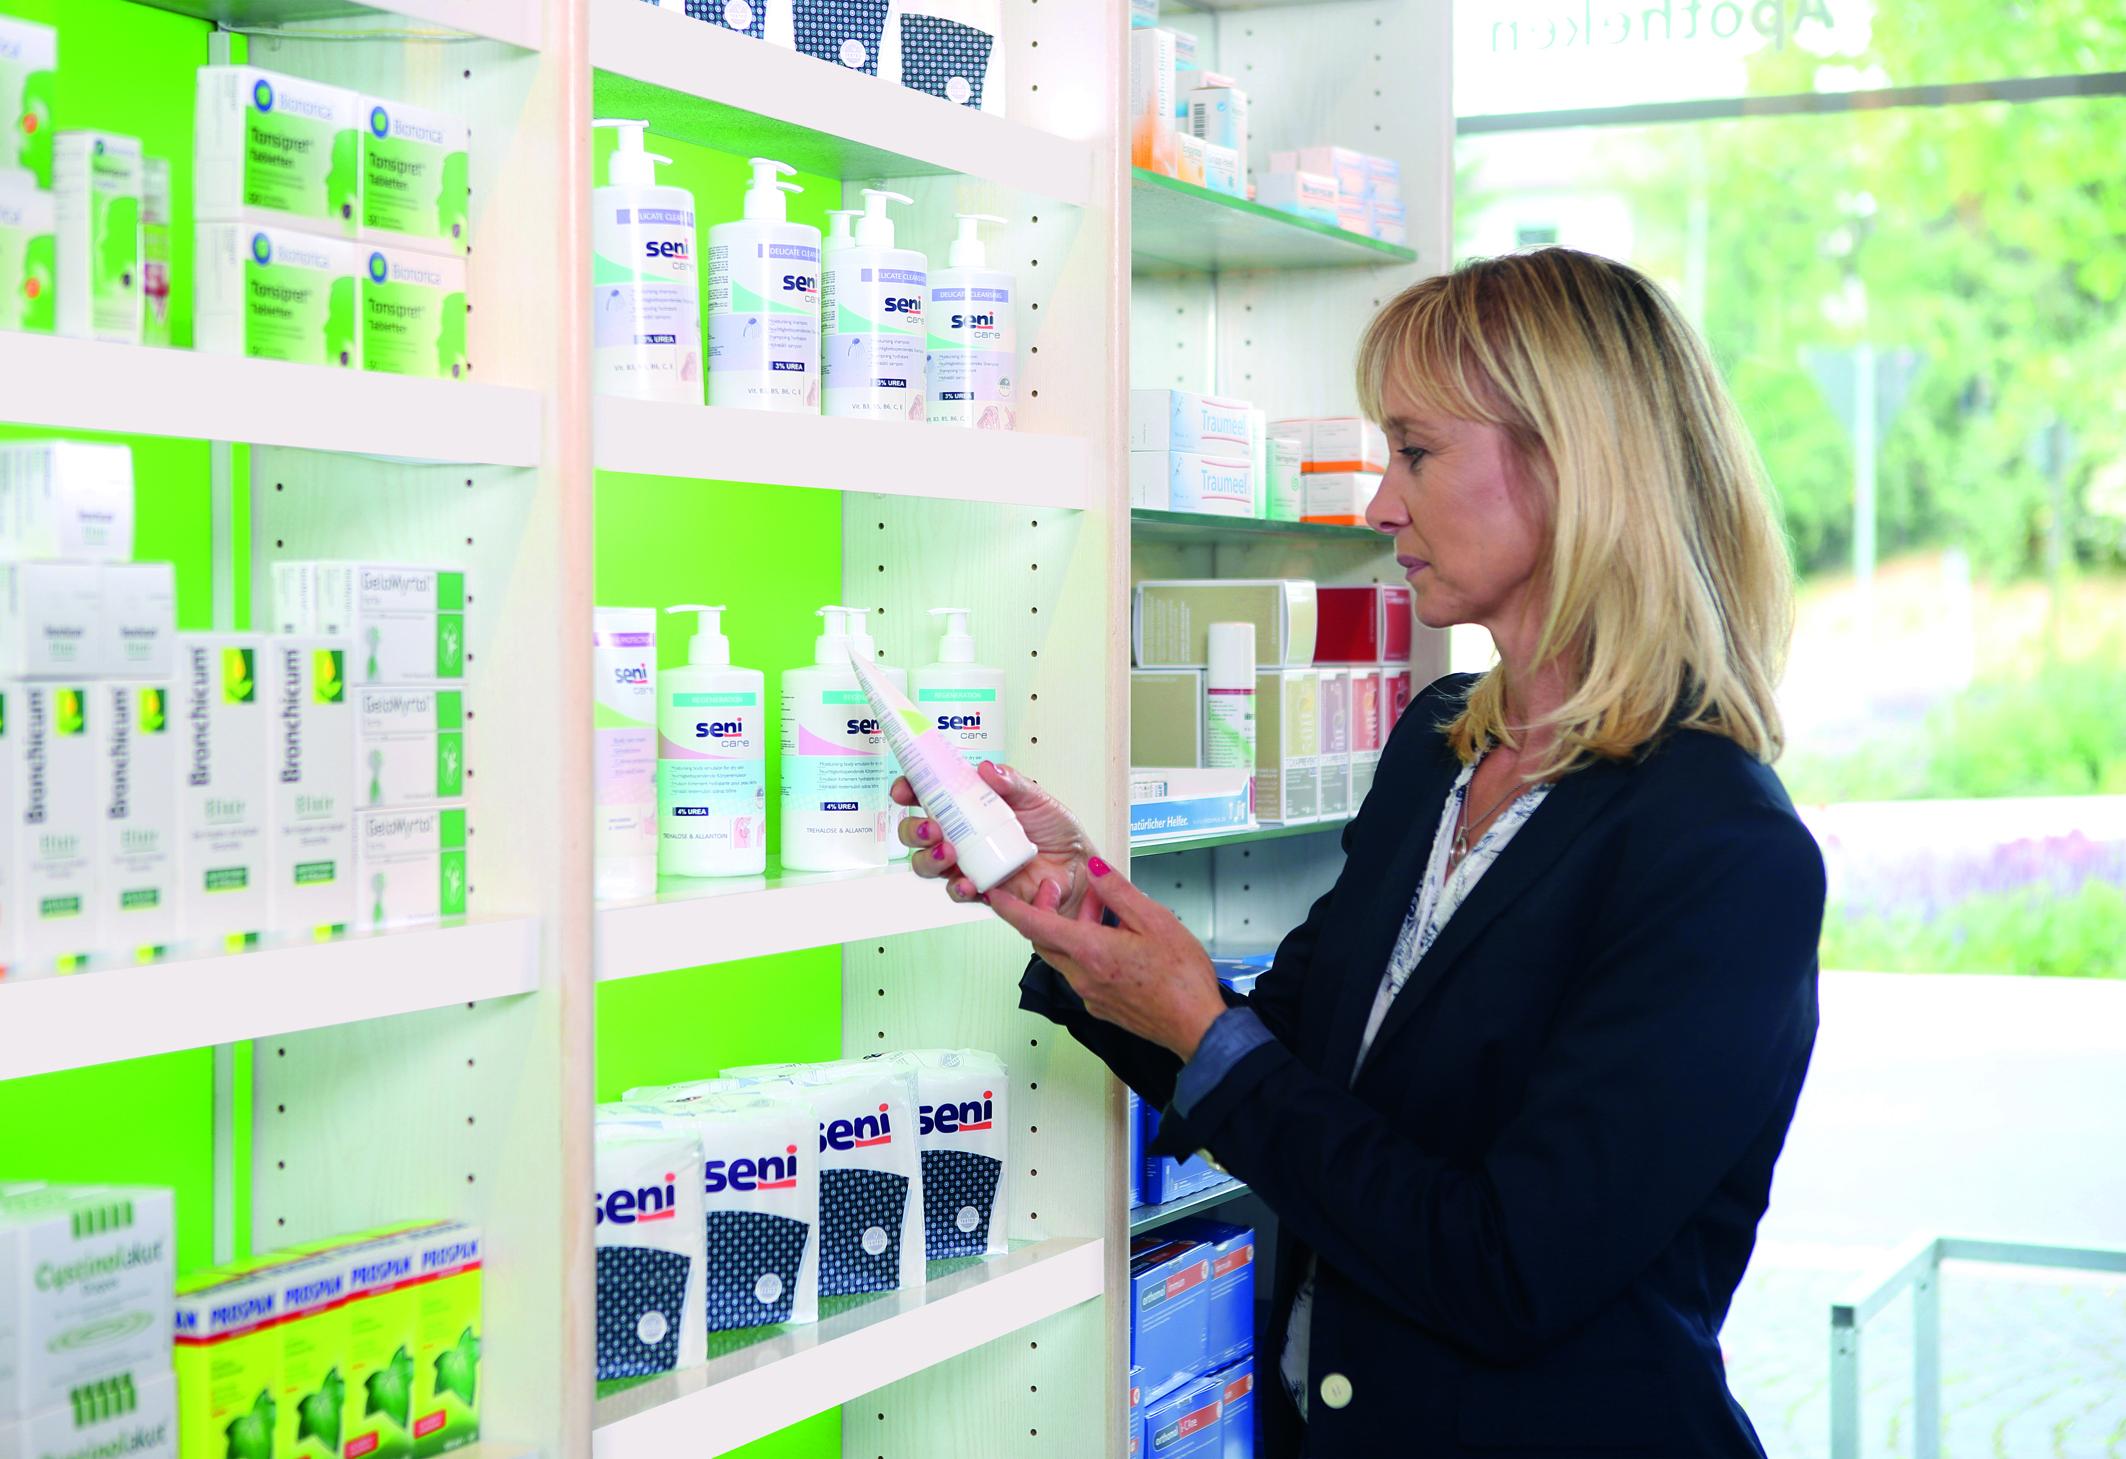 Eine Frau steht vor einem Regal und schaut sich Pflegeprodukte für trockene Haut an.